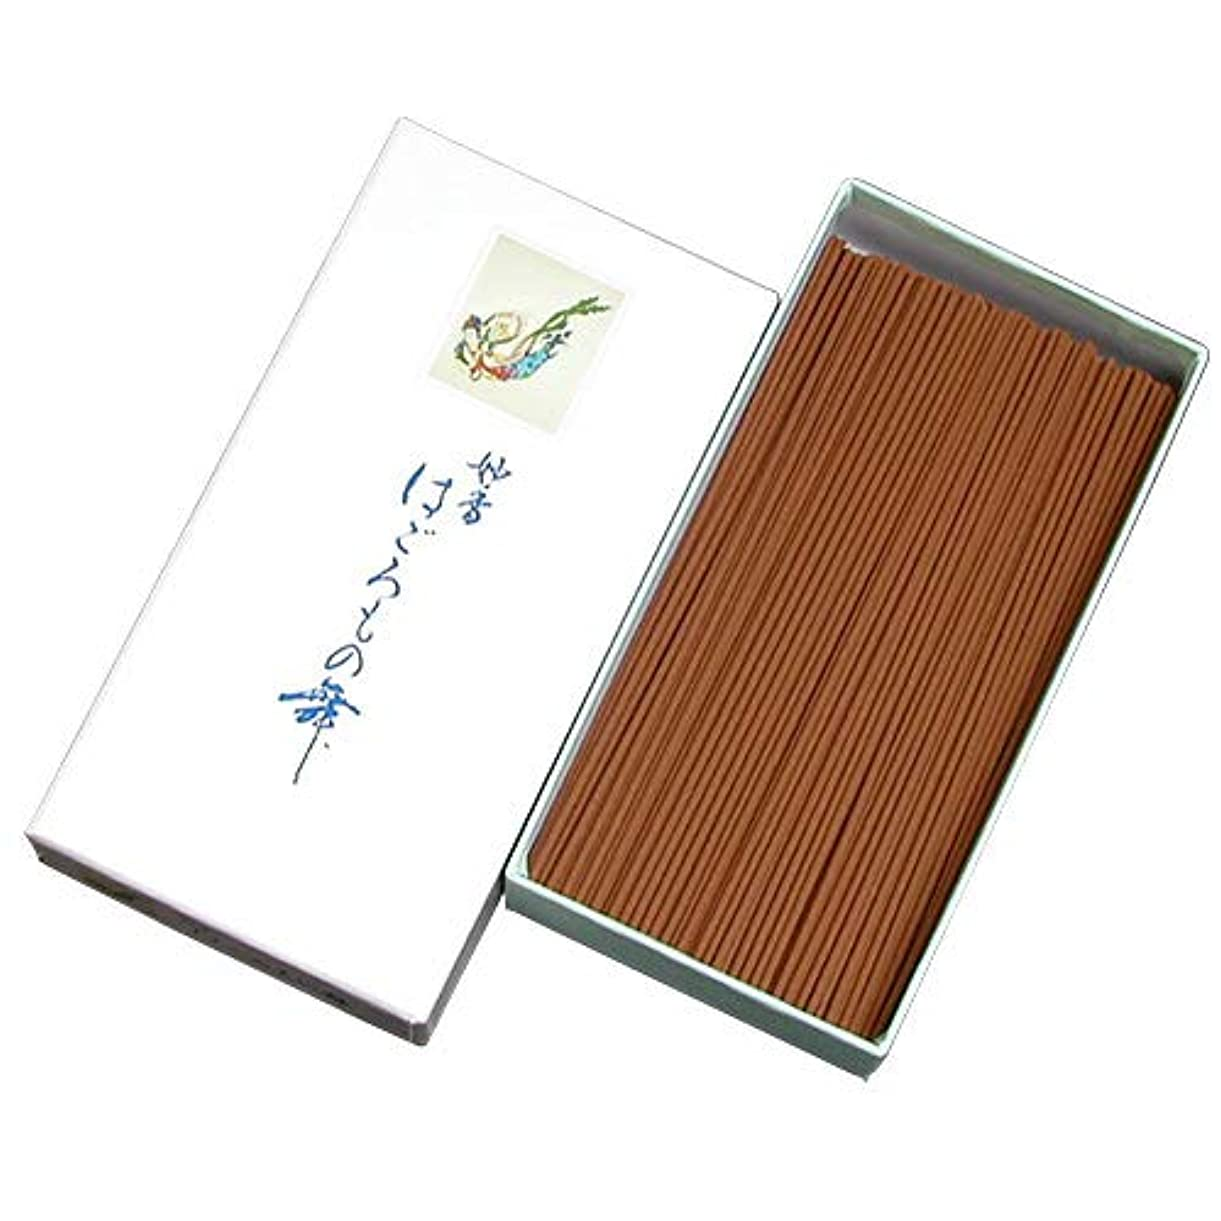 具体的にアルファベット順スタック家庭用線香 はごろもの舞(箱寸法16×8.5×3.5cm)◆一番人気の優しい香りのお線香(大発)